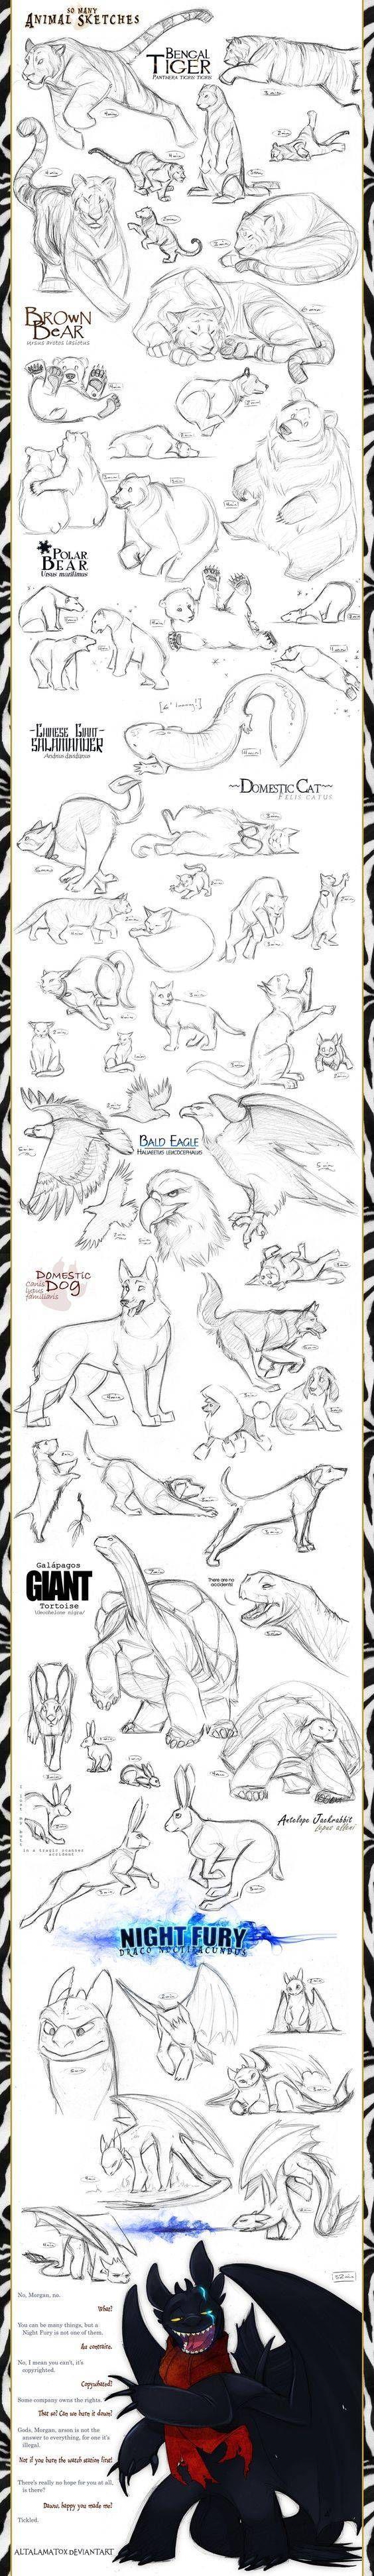 dibujar animales animados 3